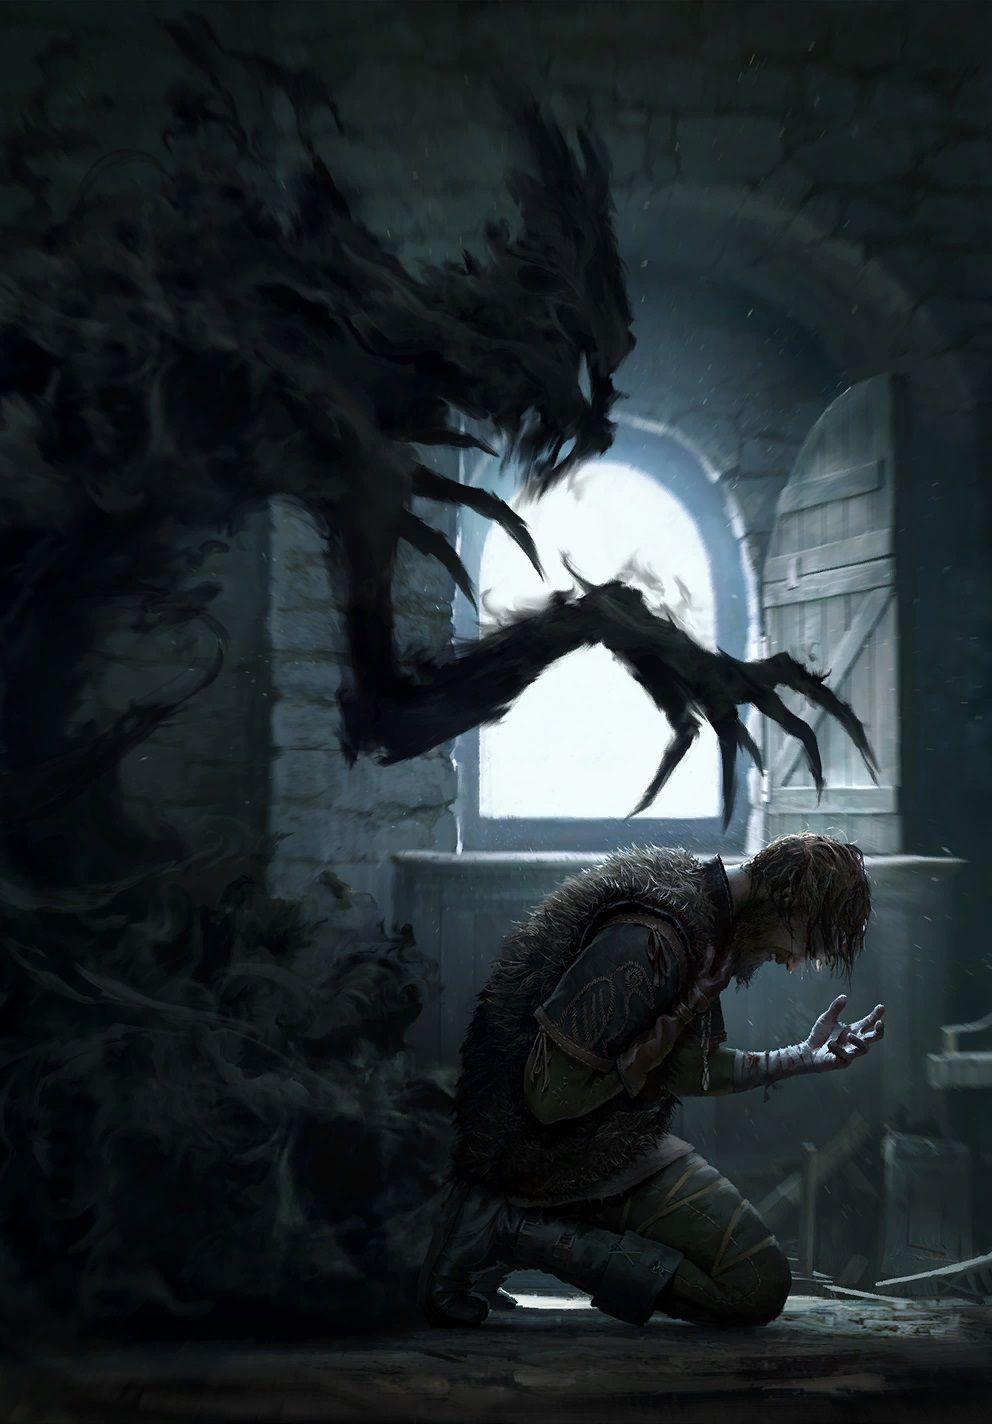 Inner demons fantasy picture